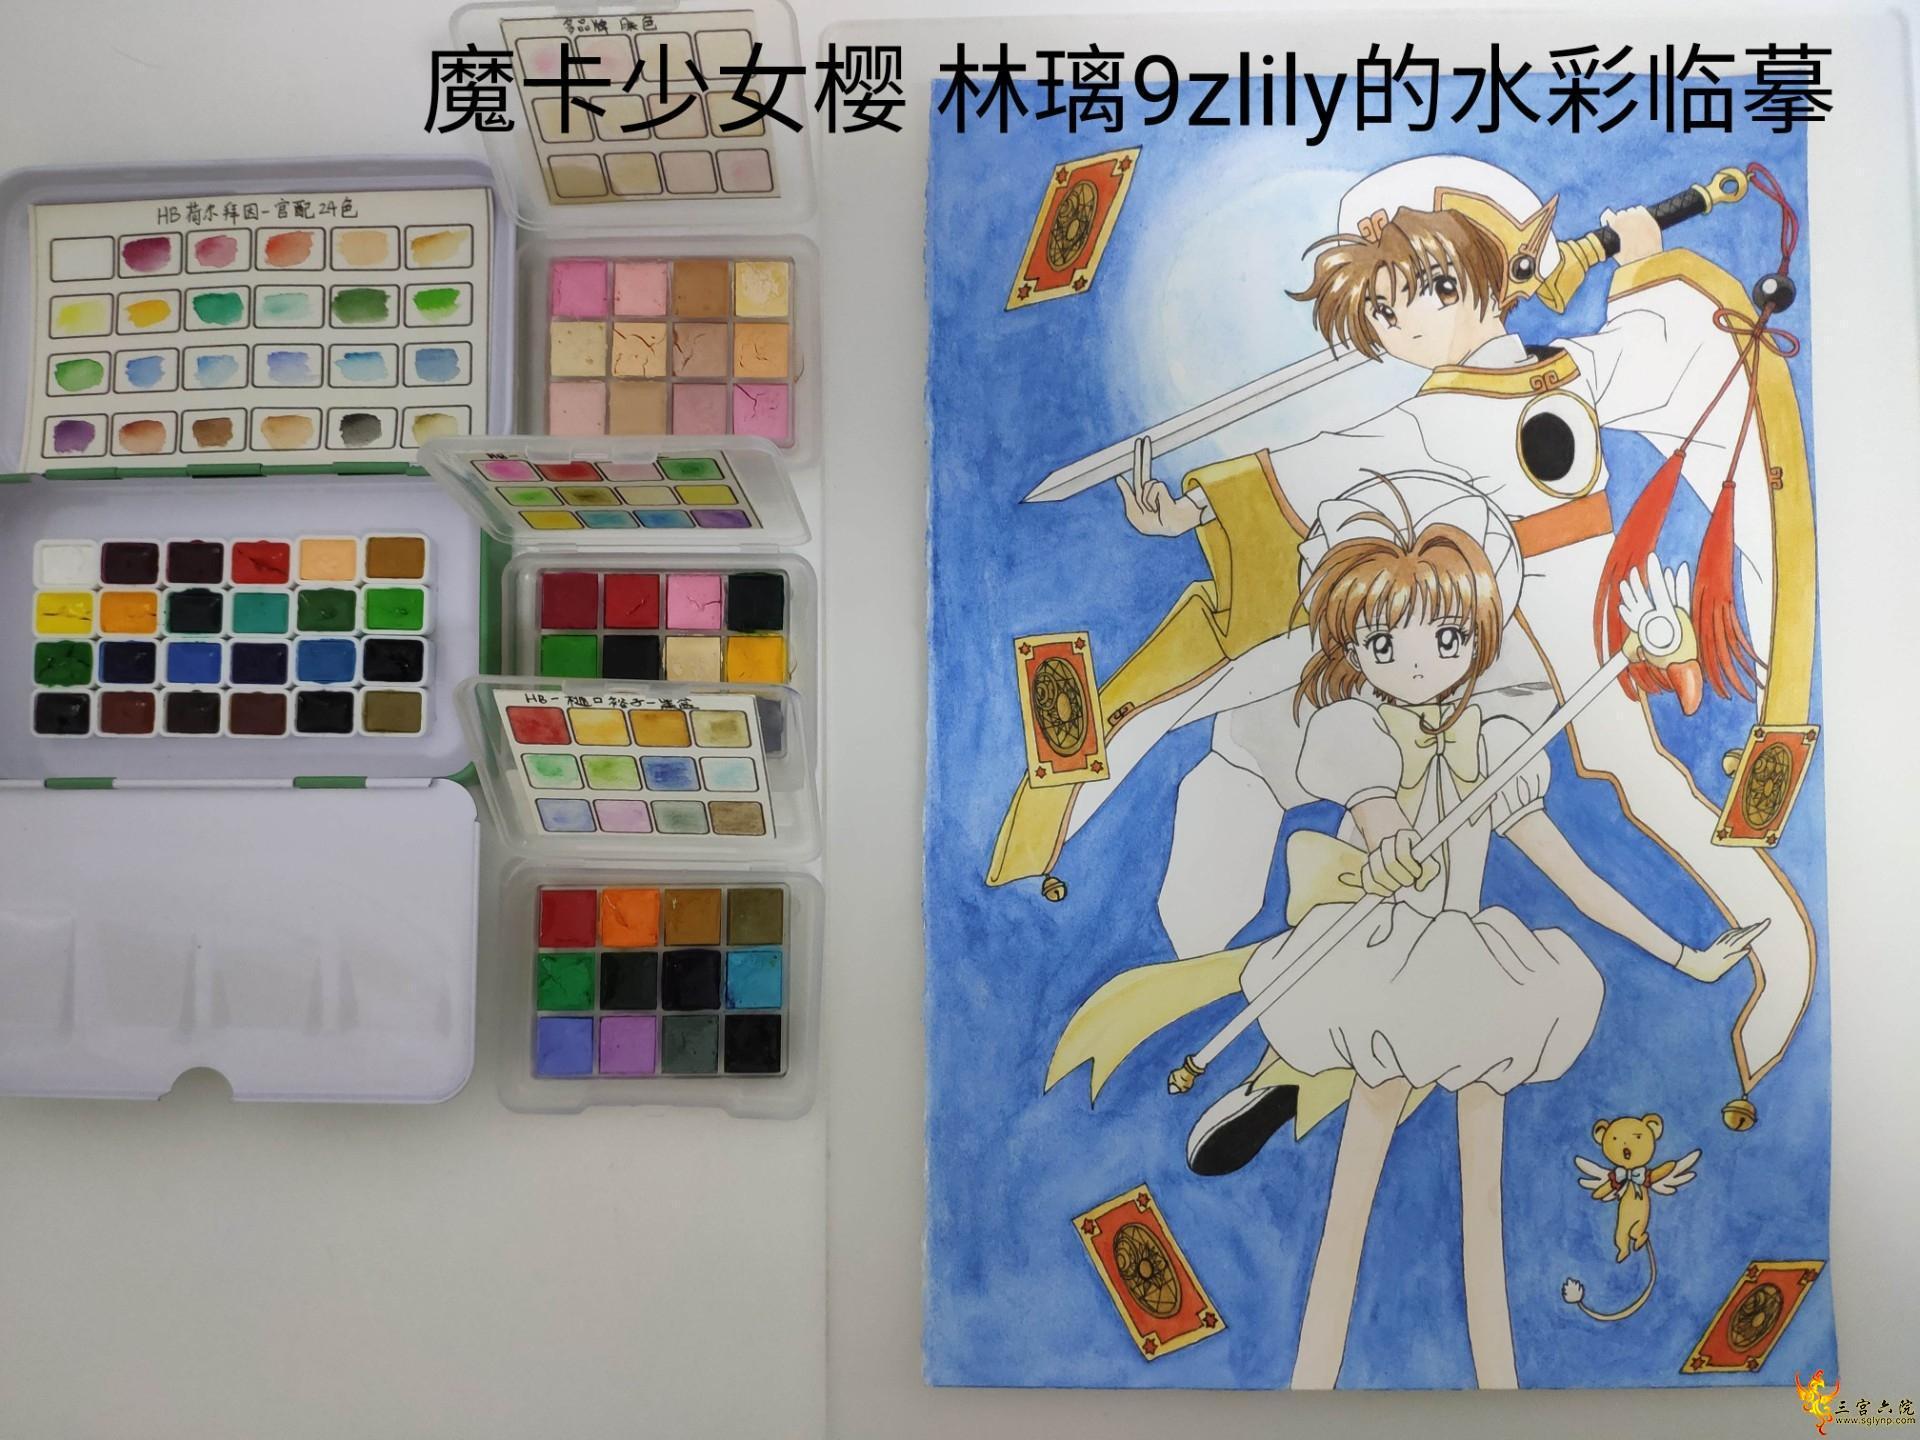 【望月宴】——我家的书桌一角和中秋贺图:《魔卡少女樱》临摹水彩画